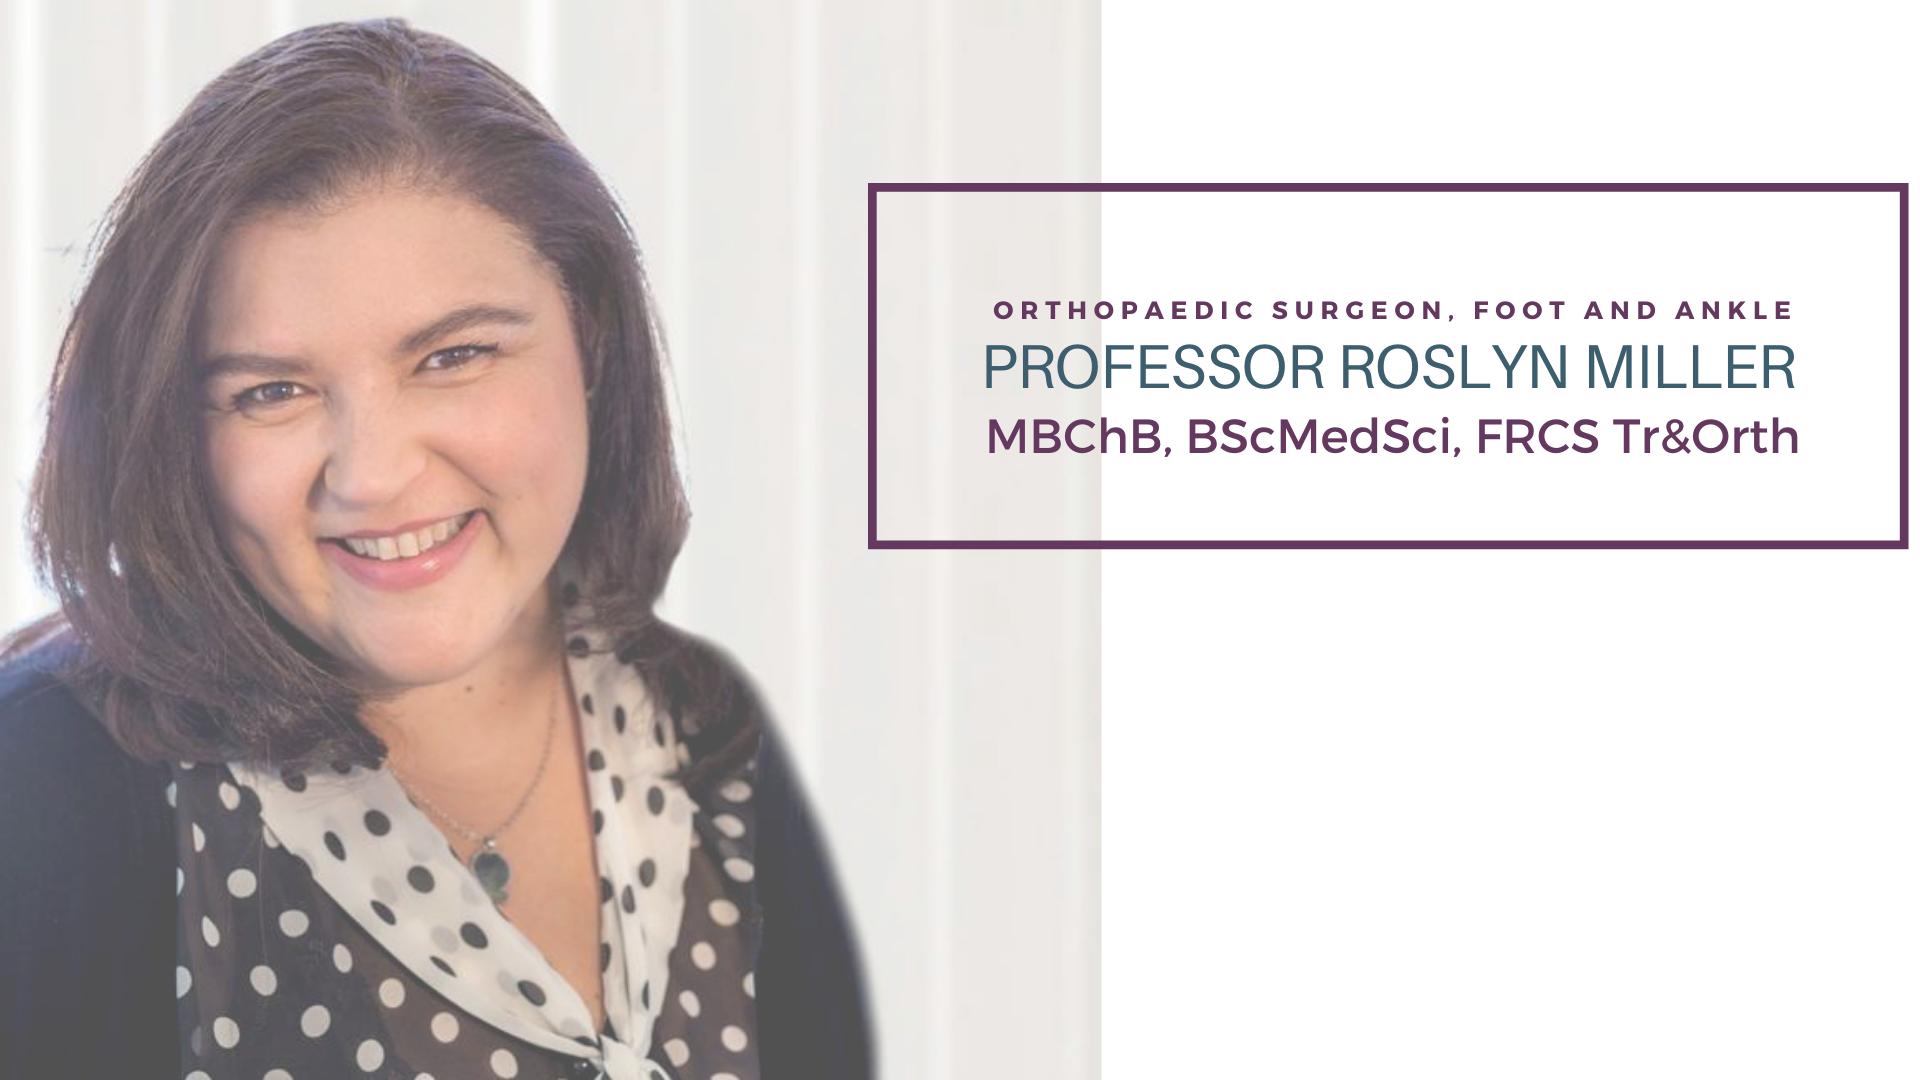 Professor Roslyn Miller